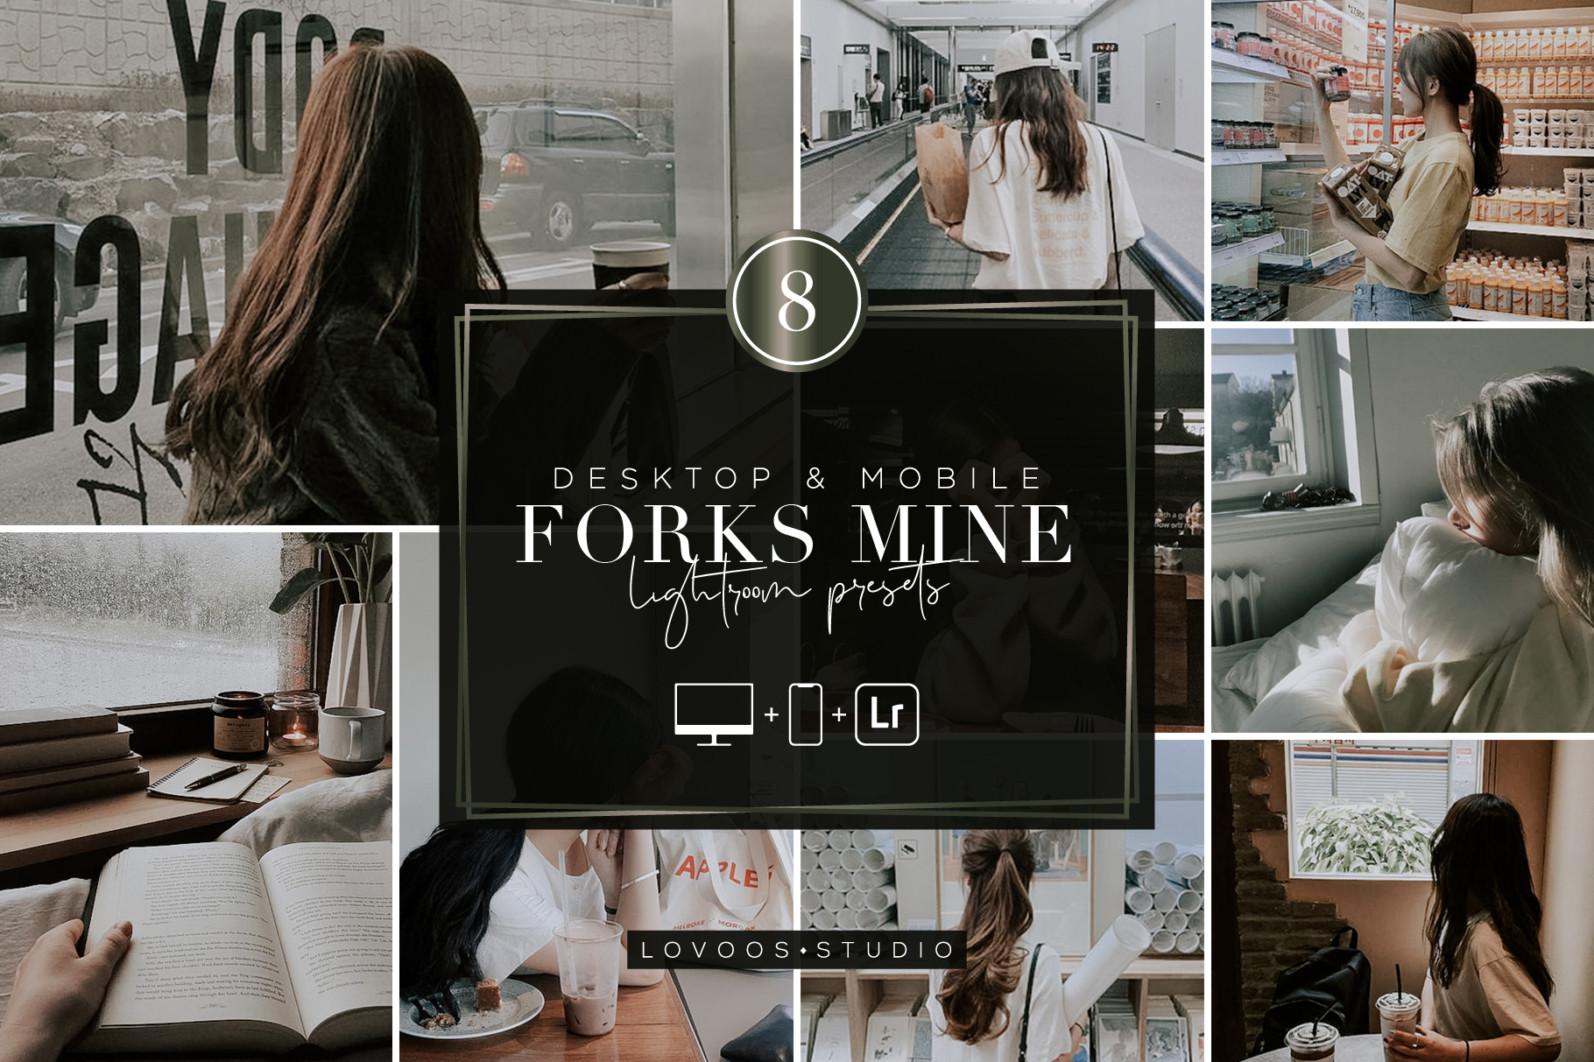 FORKS MINE - Lightroom Presets - COV 04 -